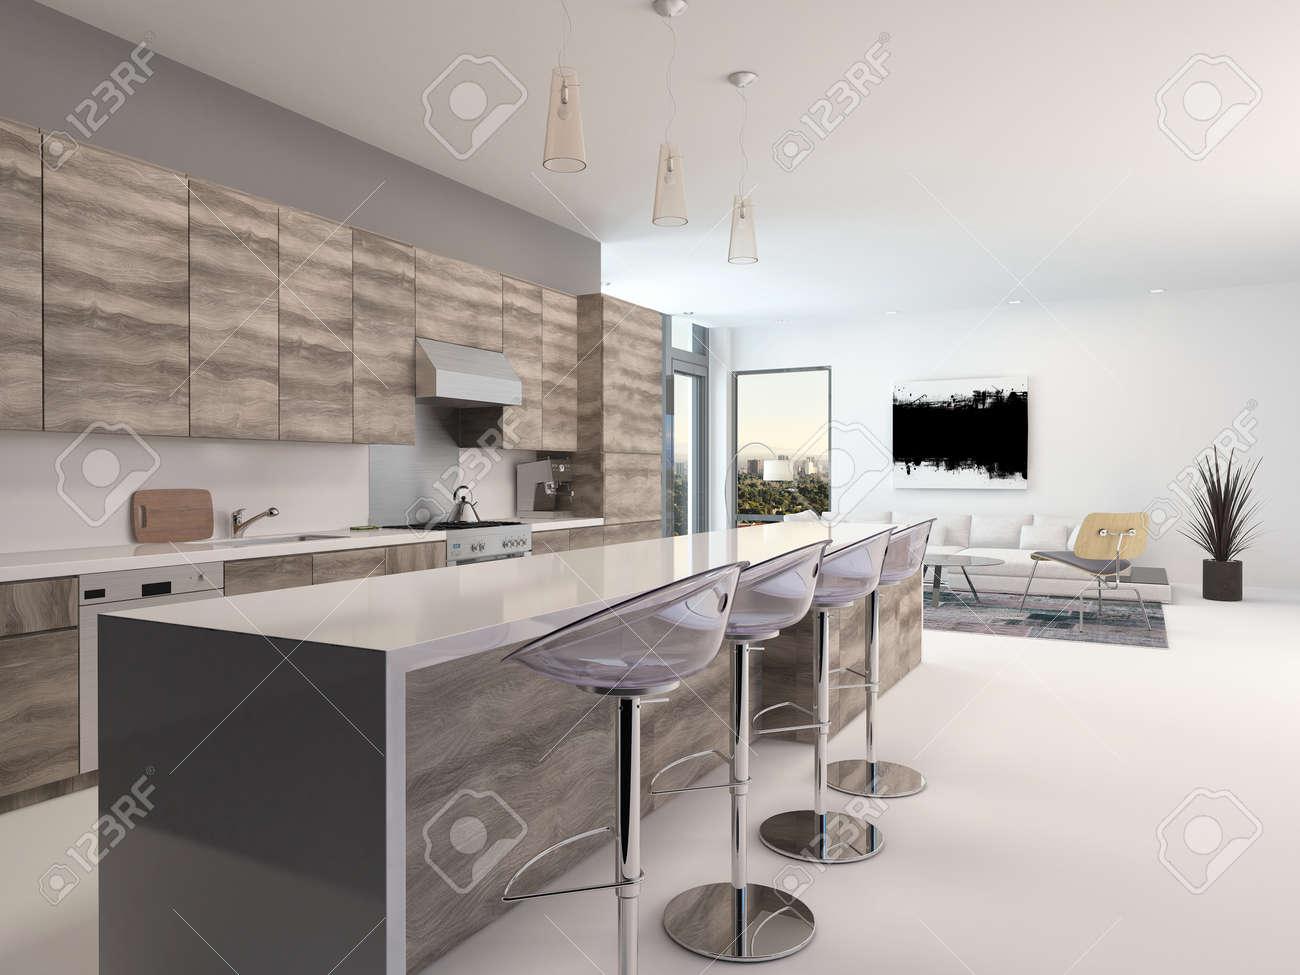 rustikale holz offene küche interieur mit einer langen theke und, Wohnzimmer